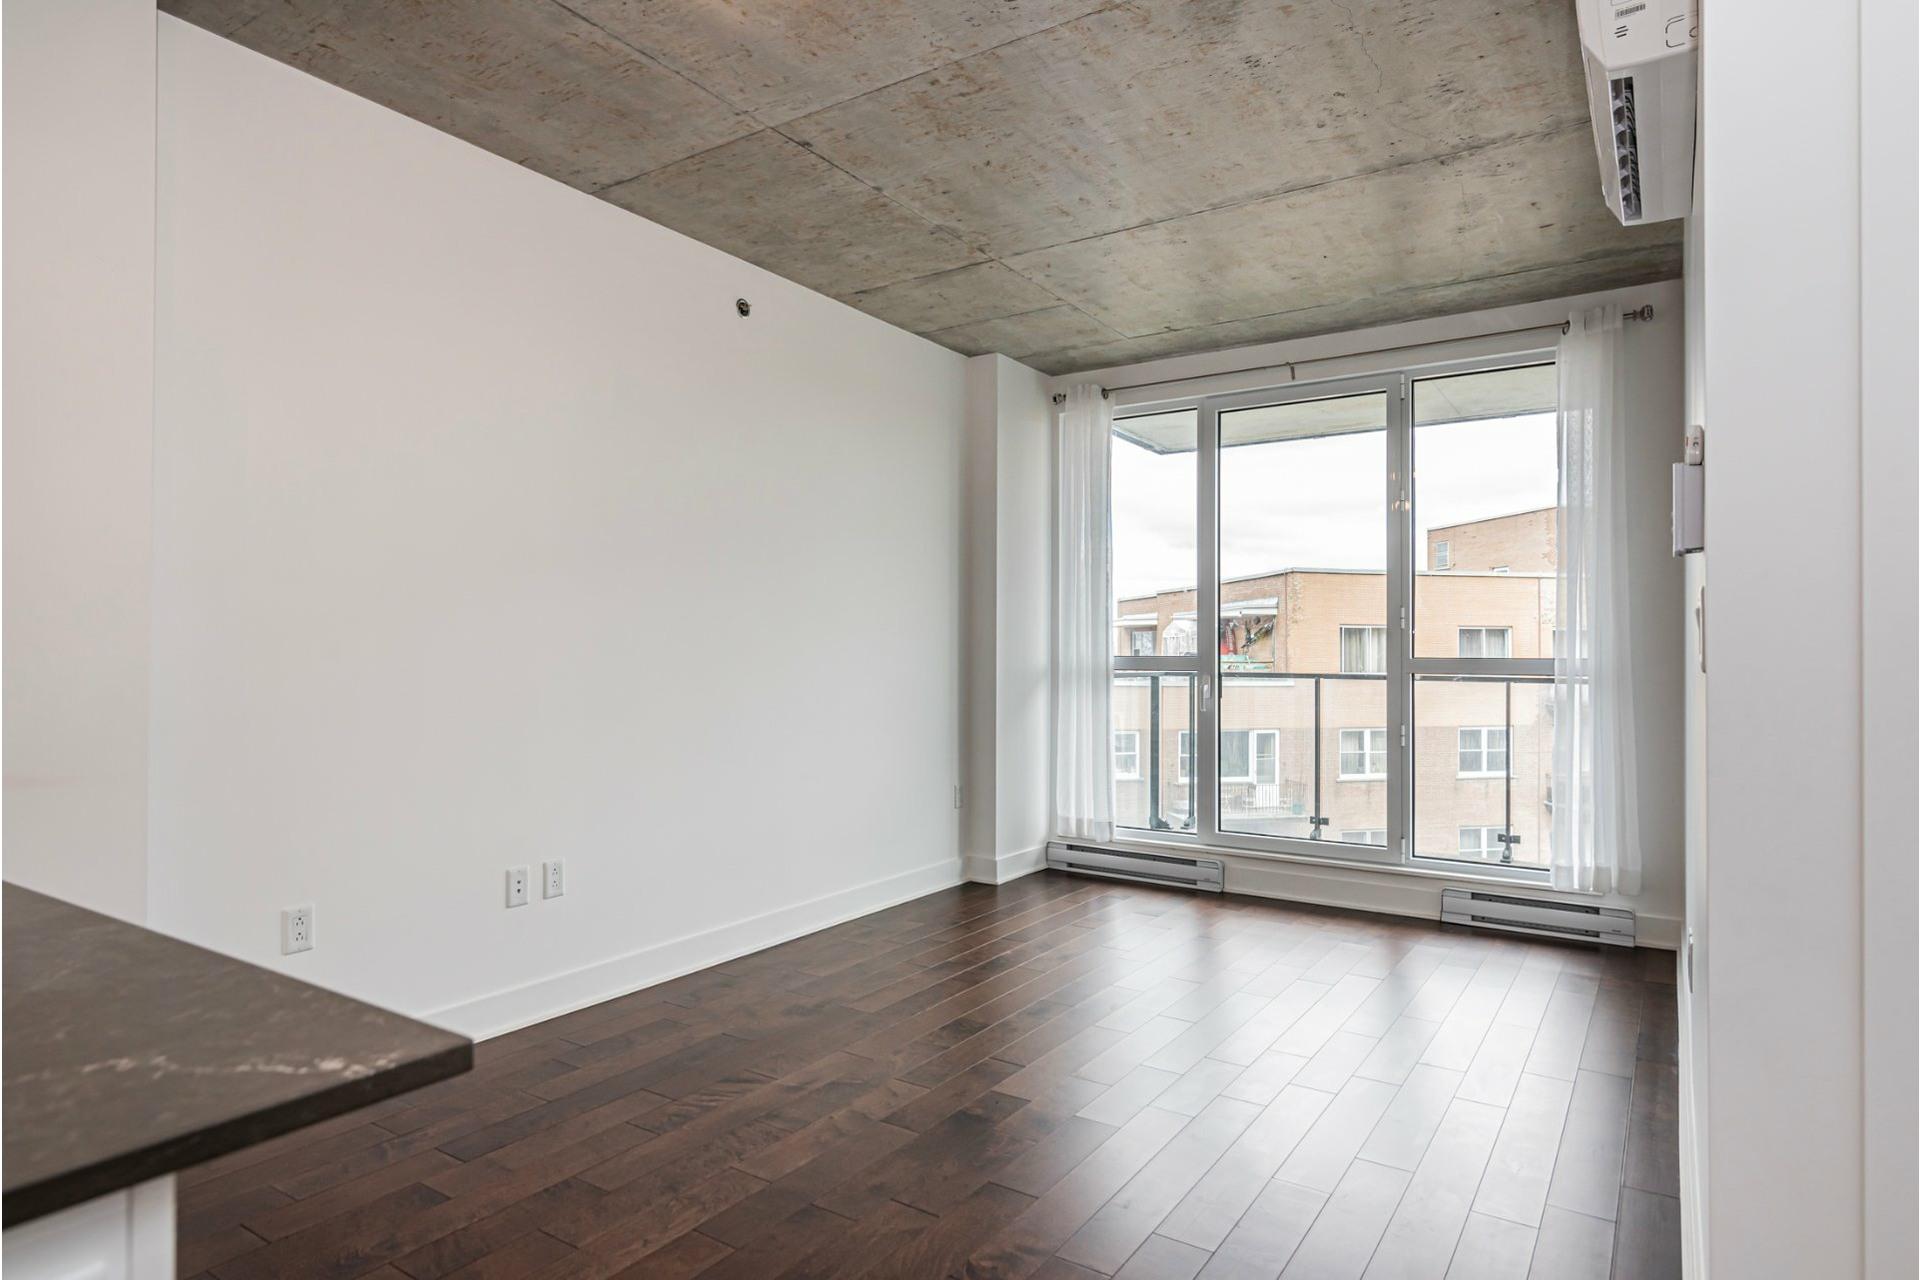 image 8 - Appartement À louer Côte-des-Neiges/Notre-Dame-de-Grâce Montréal  - 6 pièces